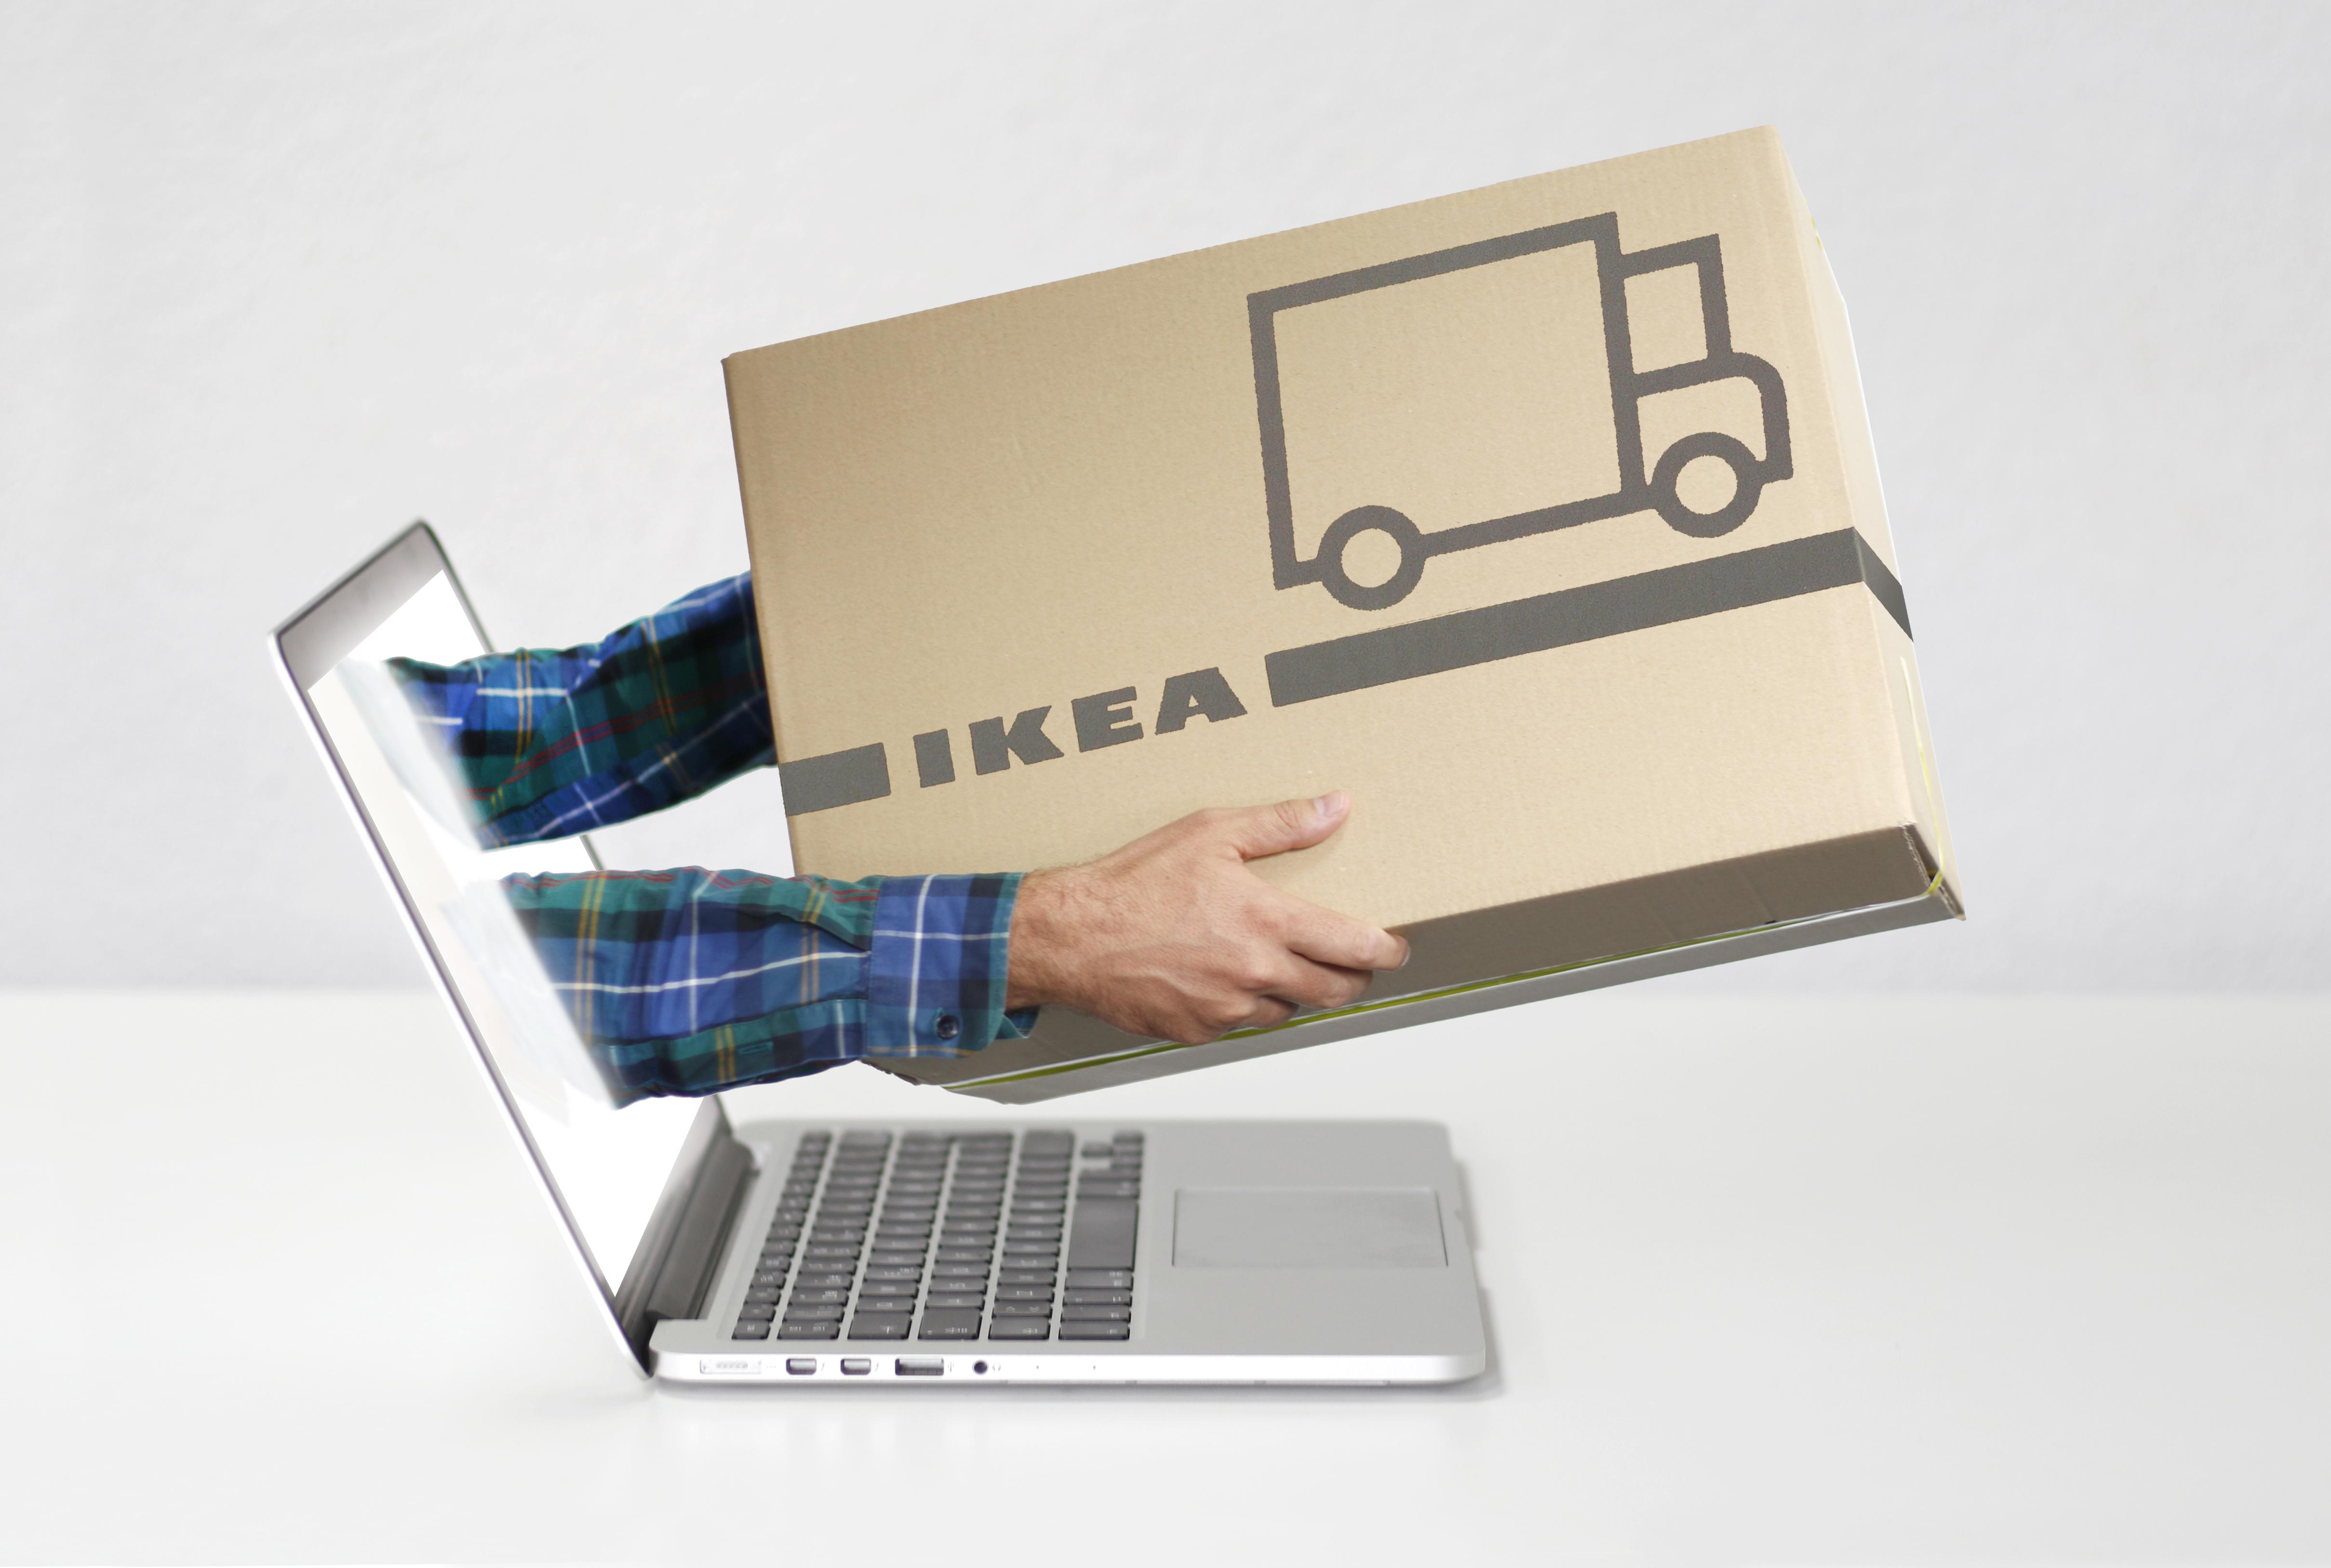 ikea por fin empezar a vender por internet en espa a idealista news. Black Bedroom Furniture Sets. Home Design Ideas